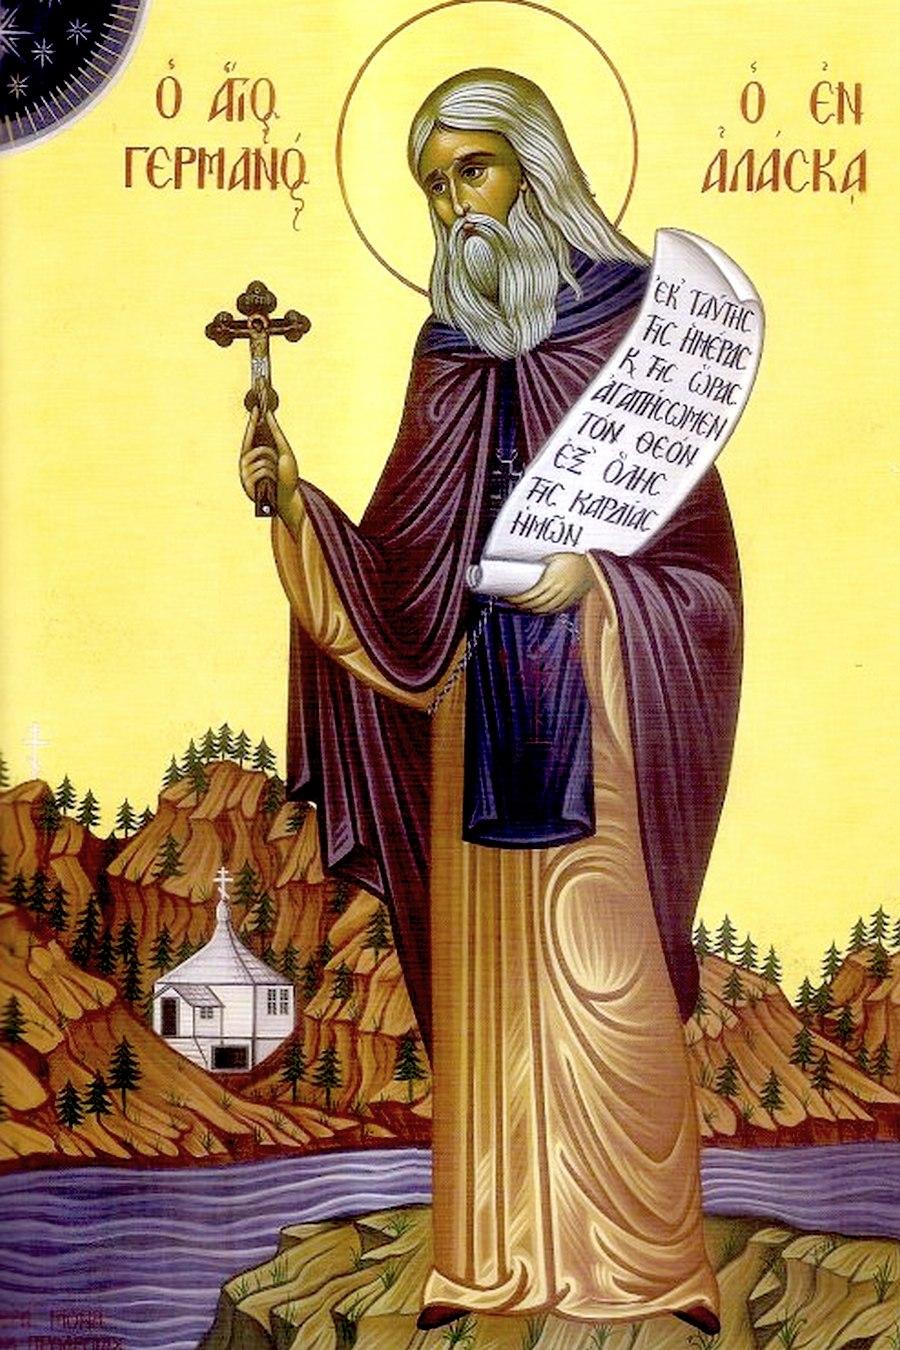 Святой Преподобный Герман Аляскинский.